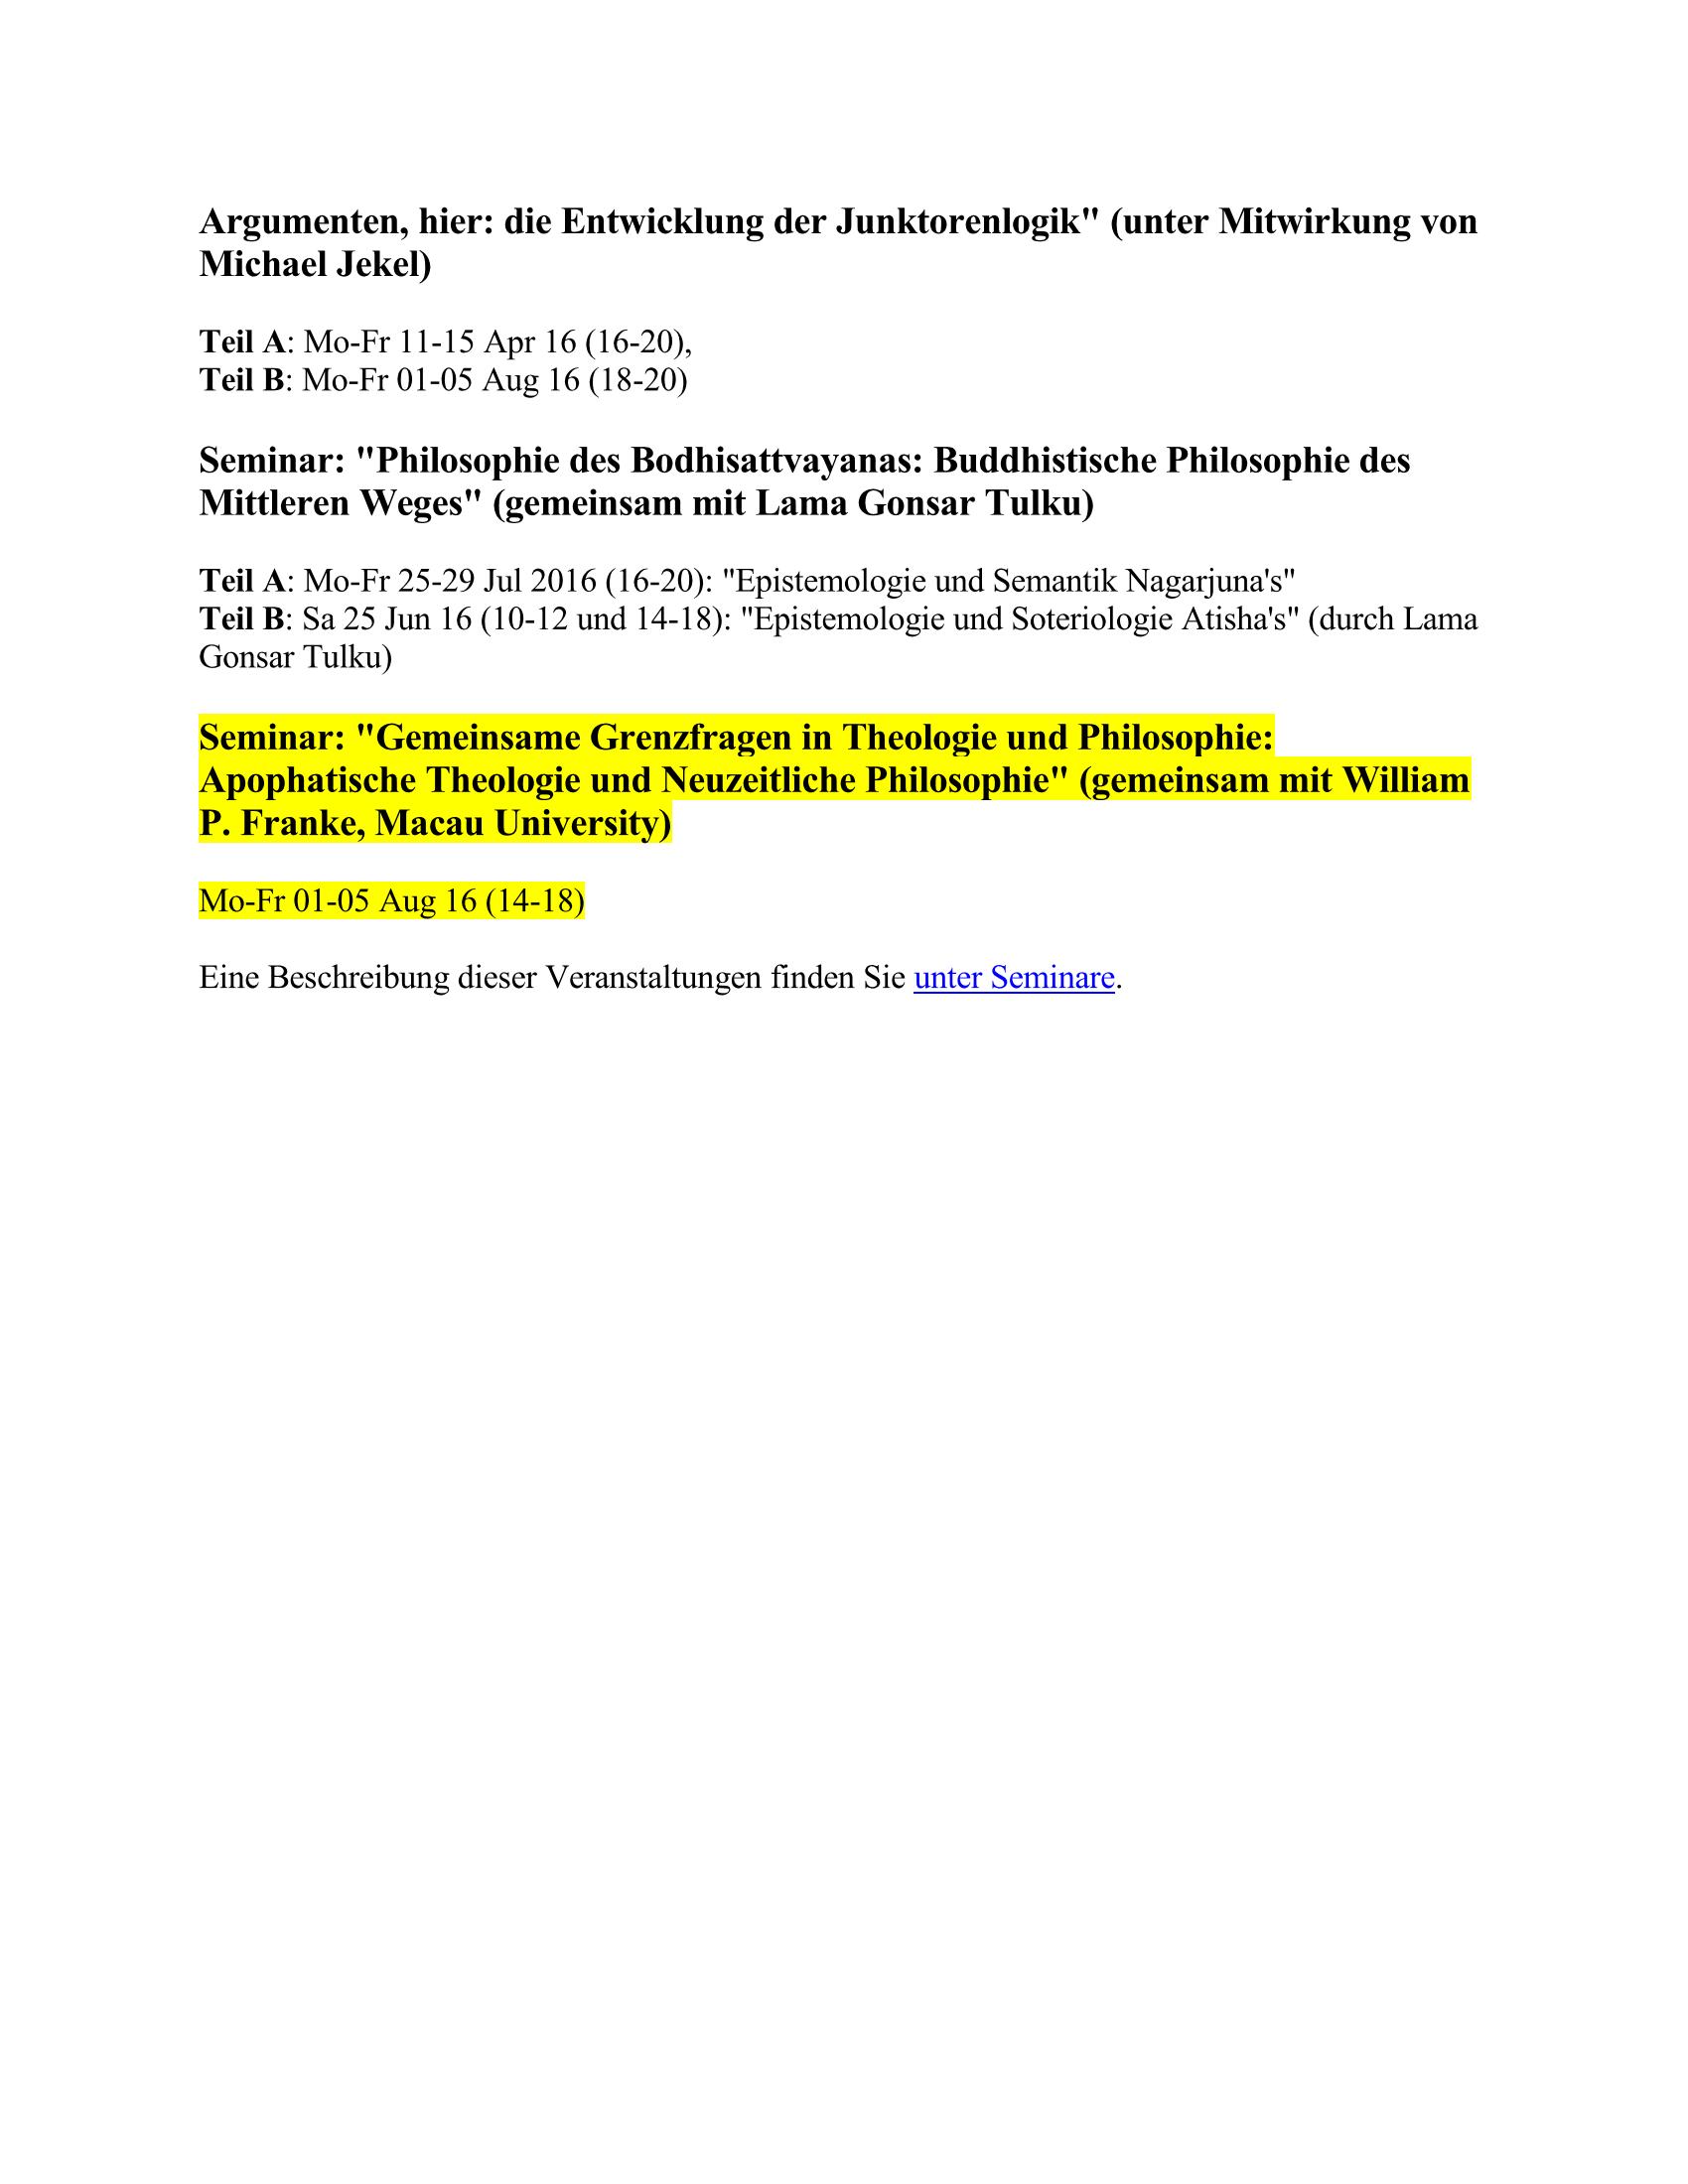 Frankfurt seminar schedule_Page_2